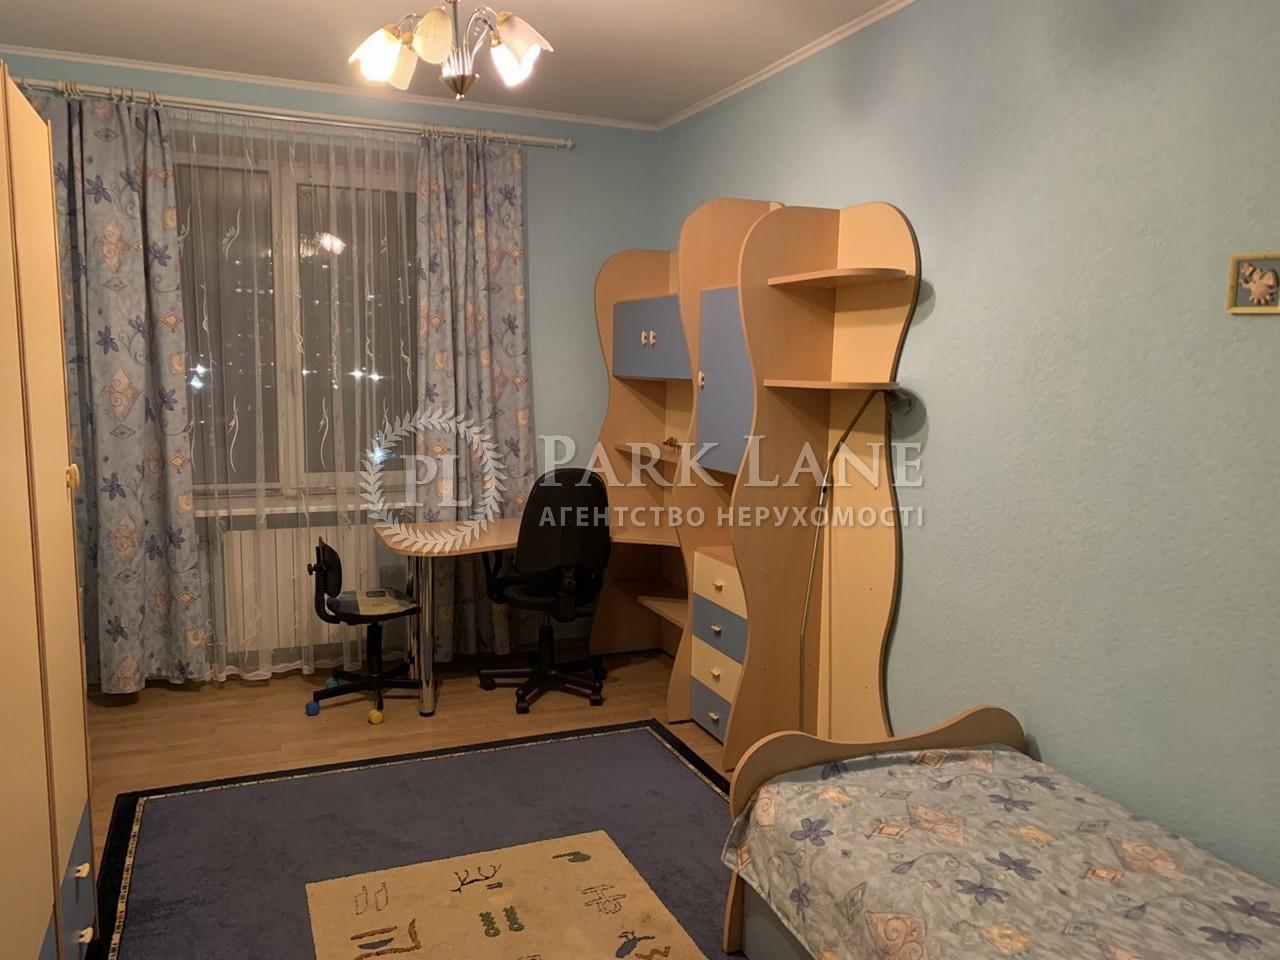 Квартира ул. Панельная, 5, Киев, E-16455 - Фото 8